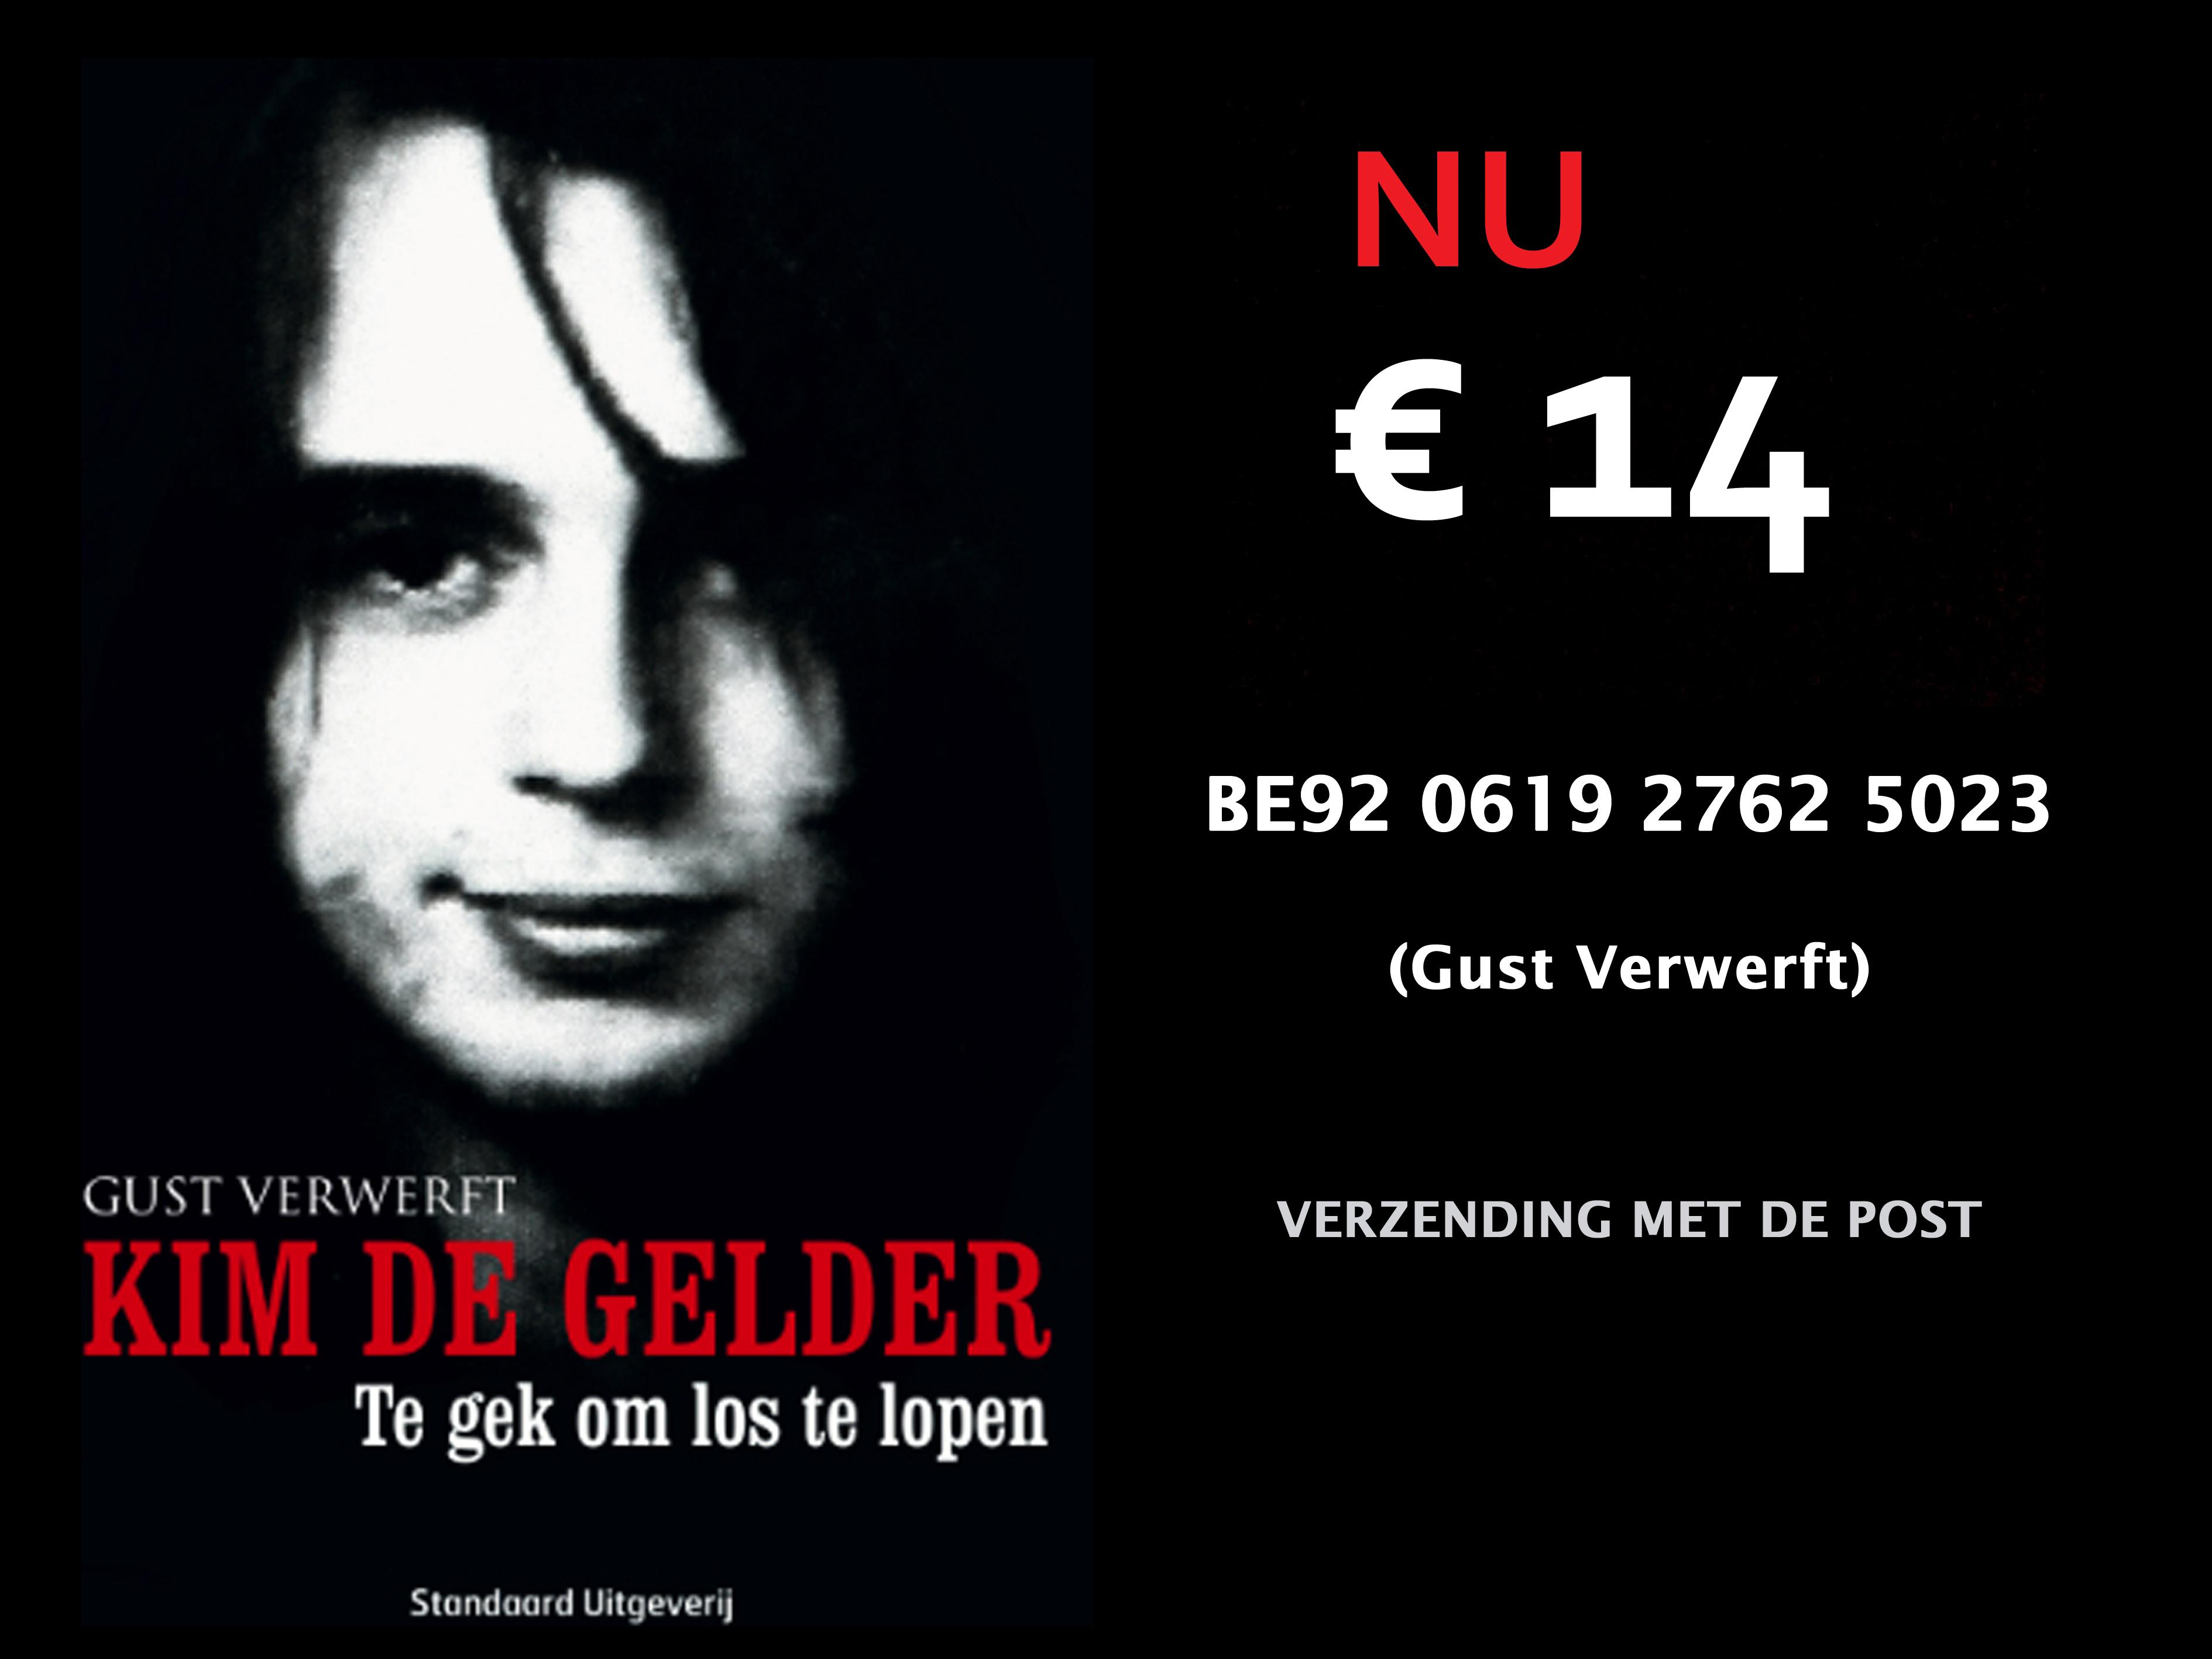 cover_promo_degelder